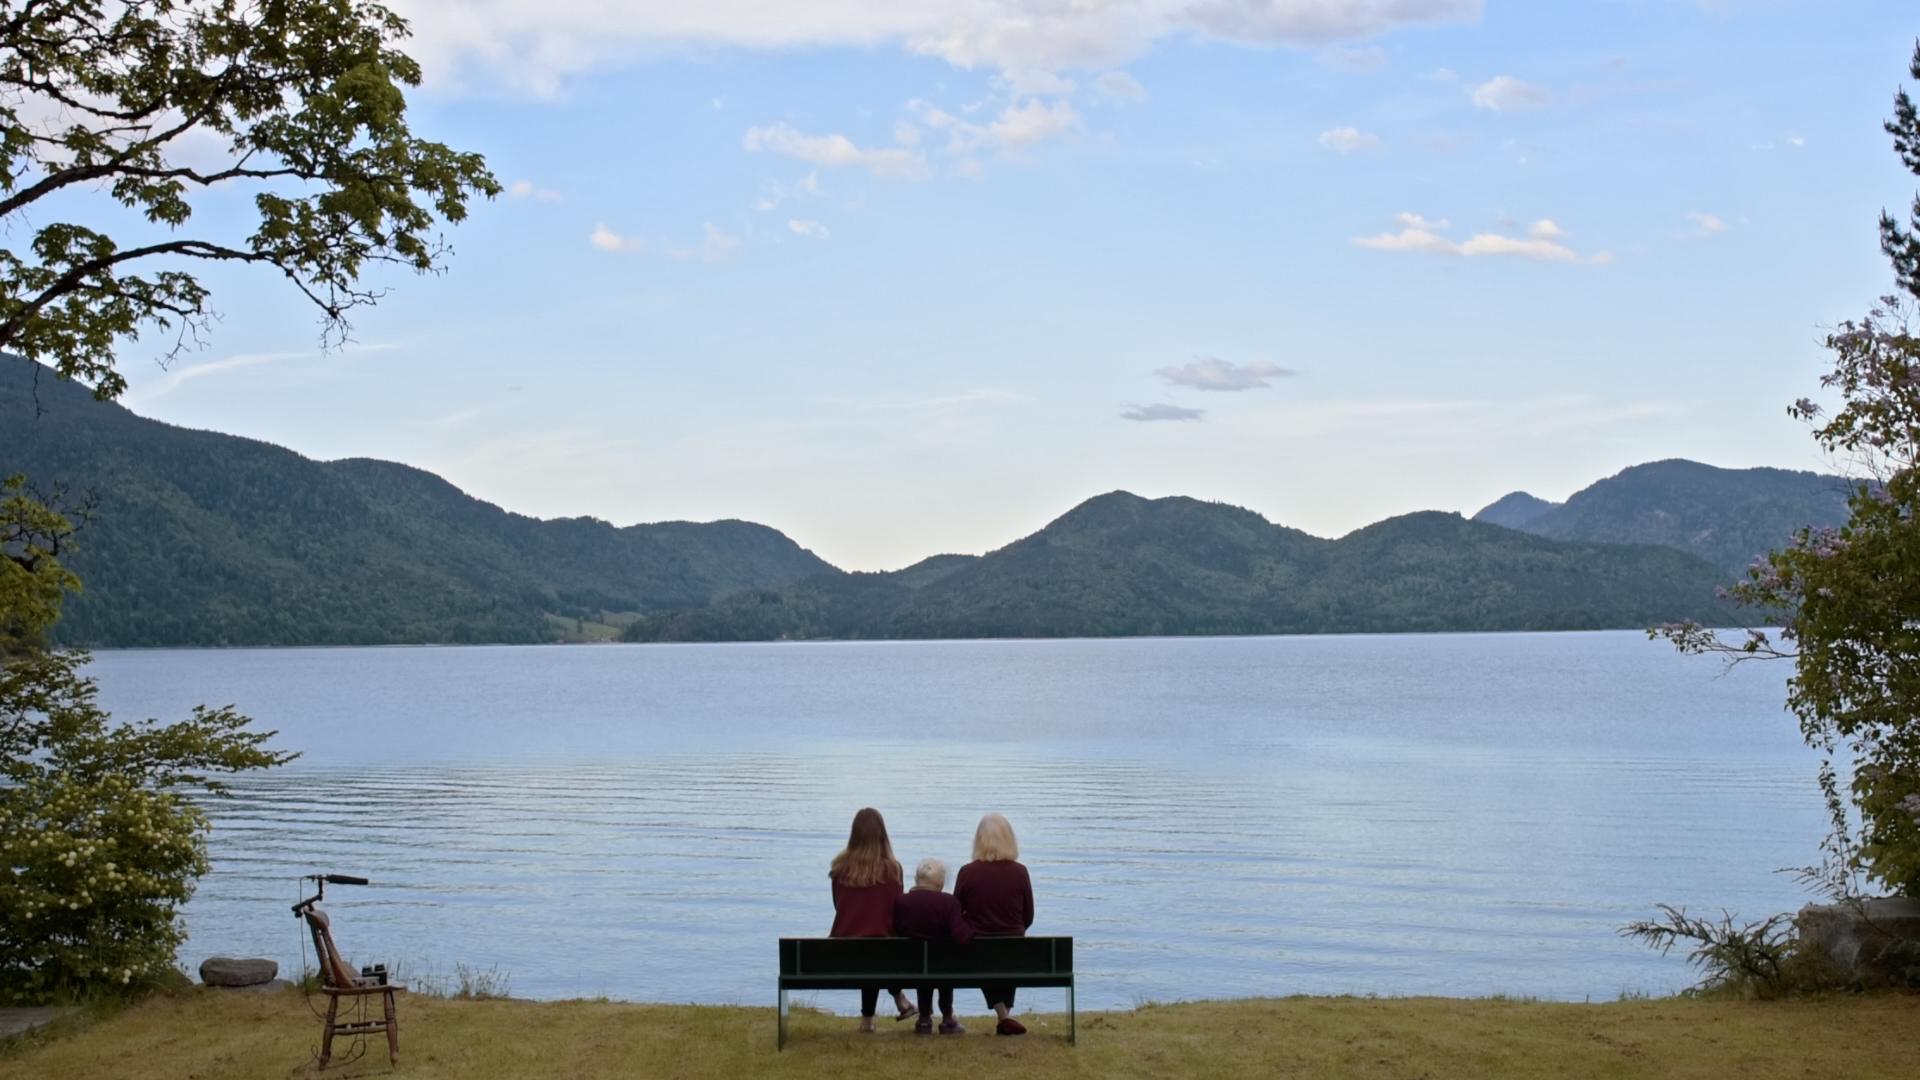 Panoramablick auf See vor Gebirge, auf einer Bank am Ufer sitzen drei Frauen unterschiedlicher Generationen.